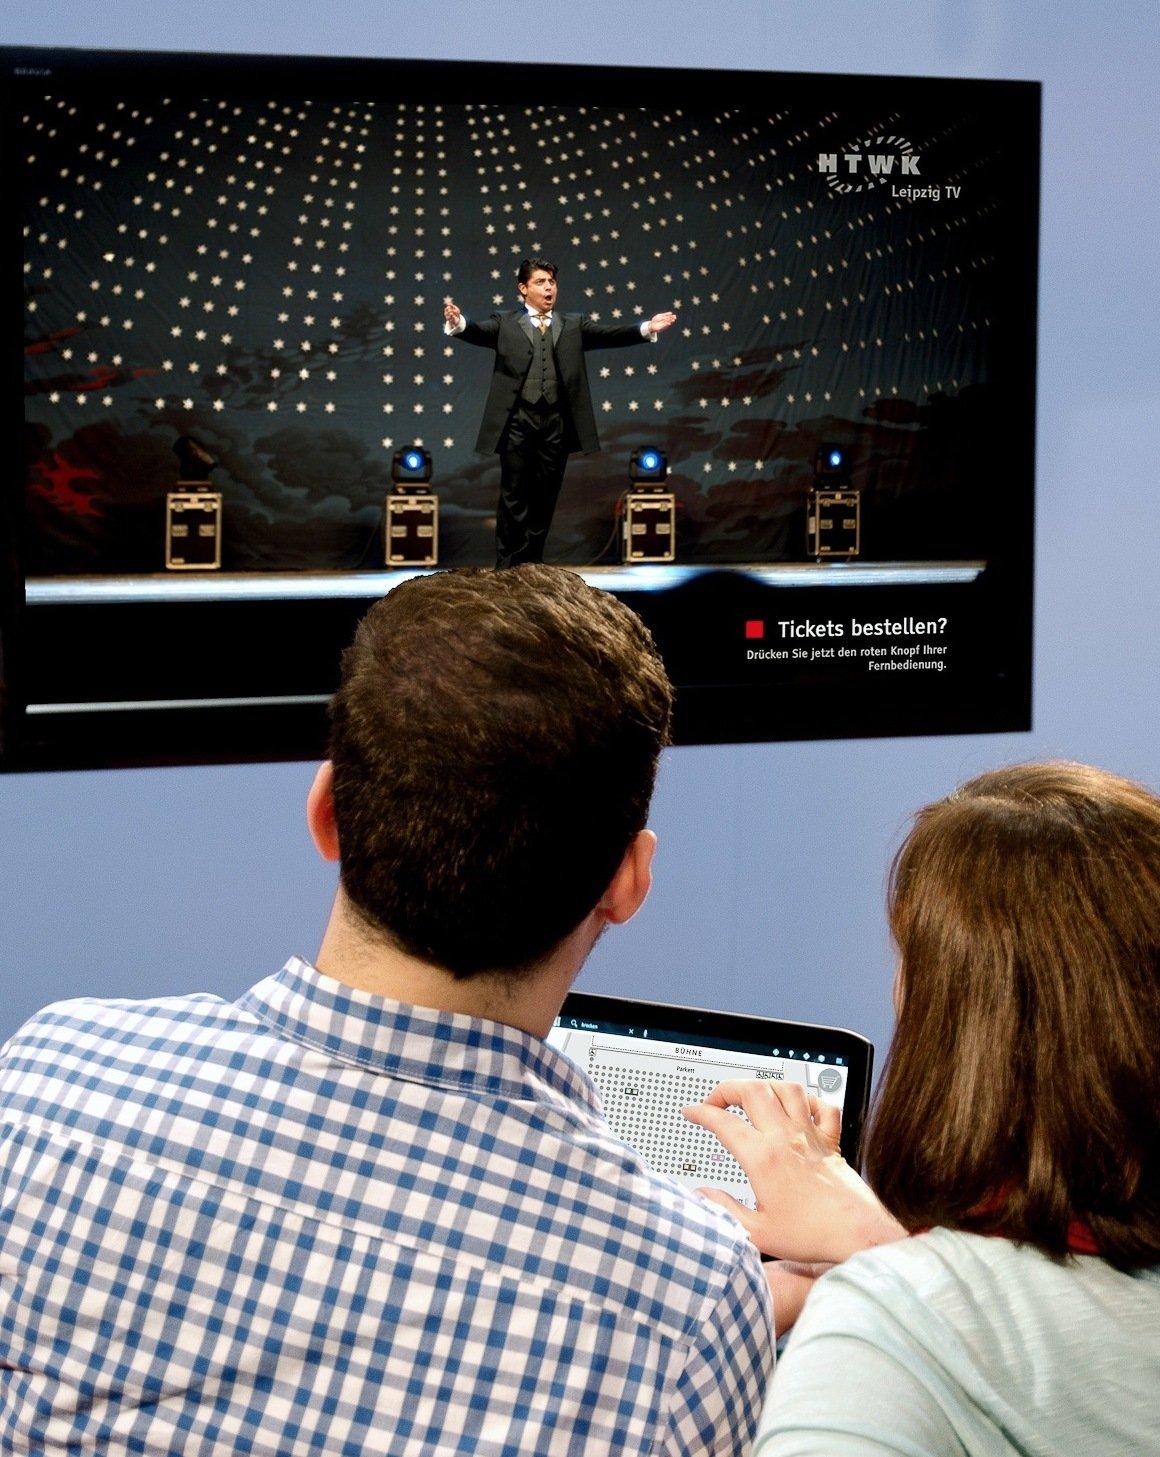 Hybrid TV bietet völlig neue Möglichkeiten für Interaktion und neuen Content. Wissenschaftler der HTWK Leipzig haben ein Verfahren entwickelt, mit dem Fernseh- und Internetinhalte erstmals völlig synchron empfangen werden können.